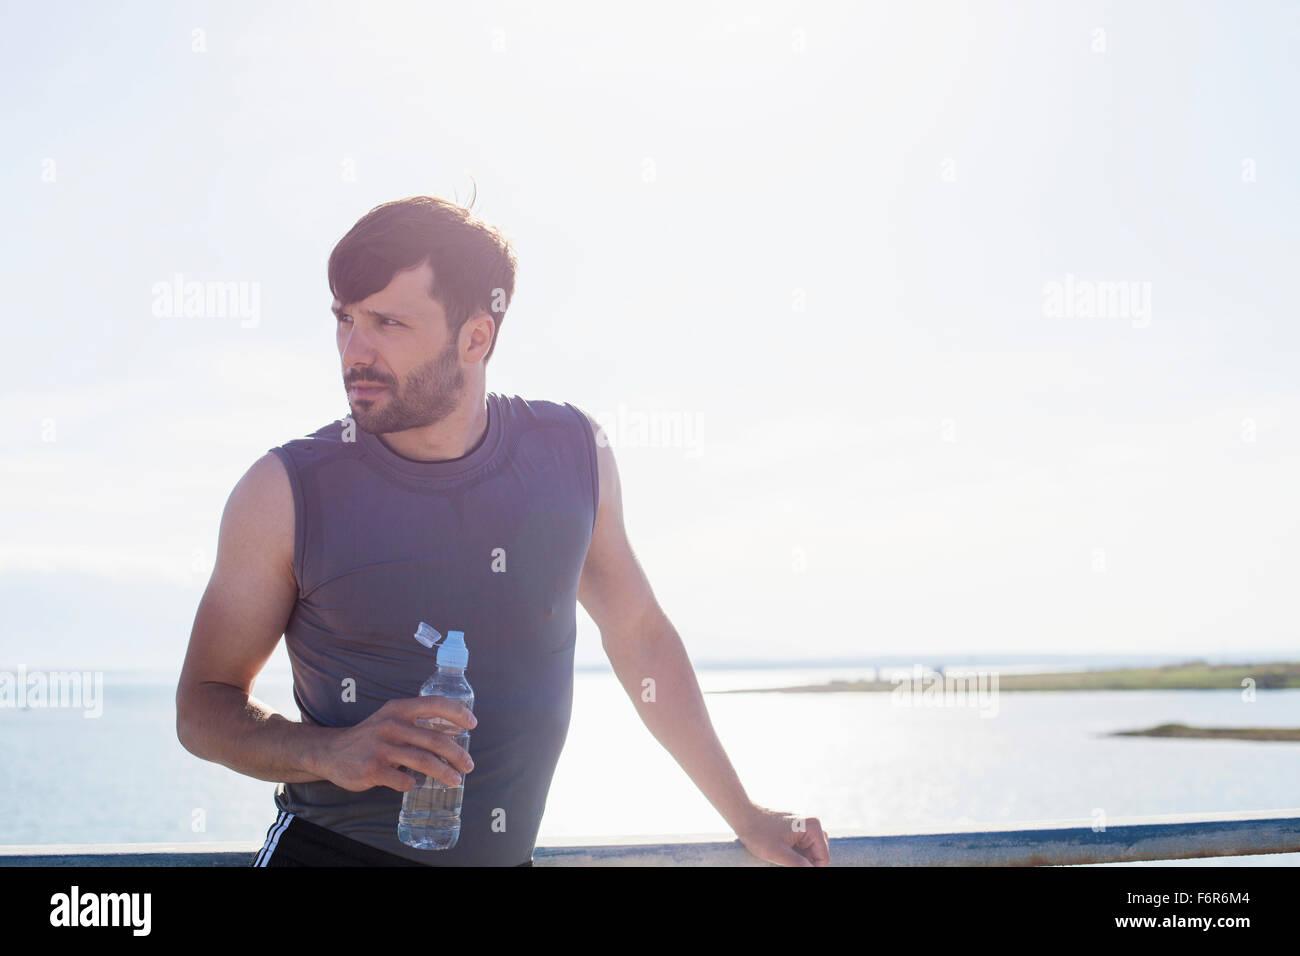 Pareggiatore di giovani si prende una pausa sul lungomare, Mare Adriatico, Croazia Immagini Stock